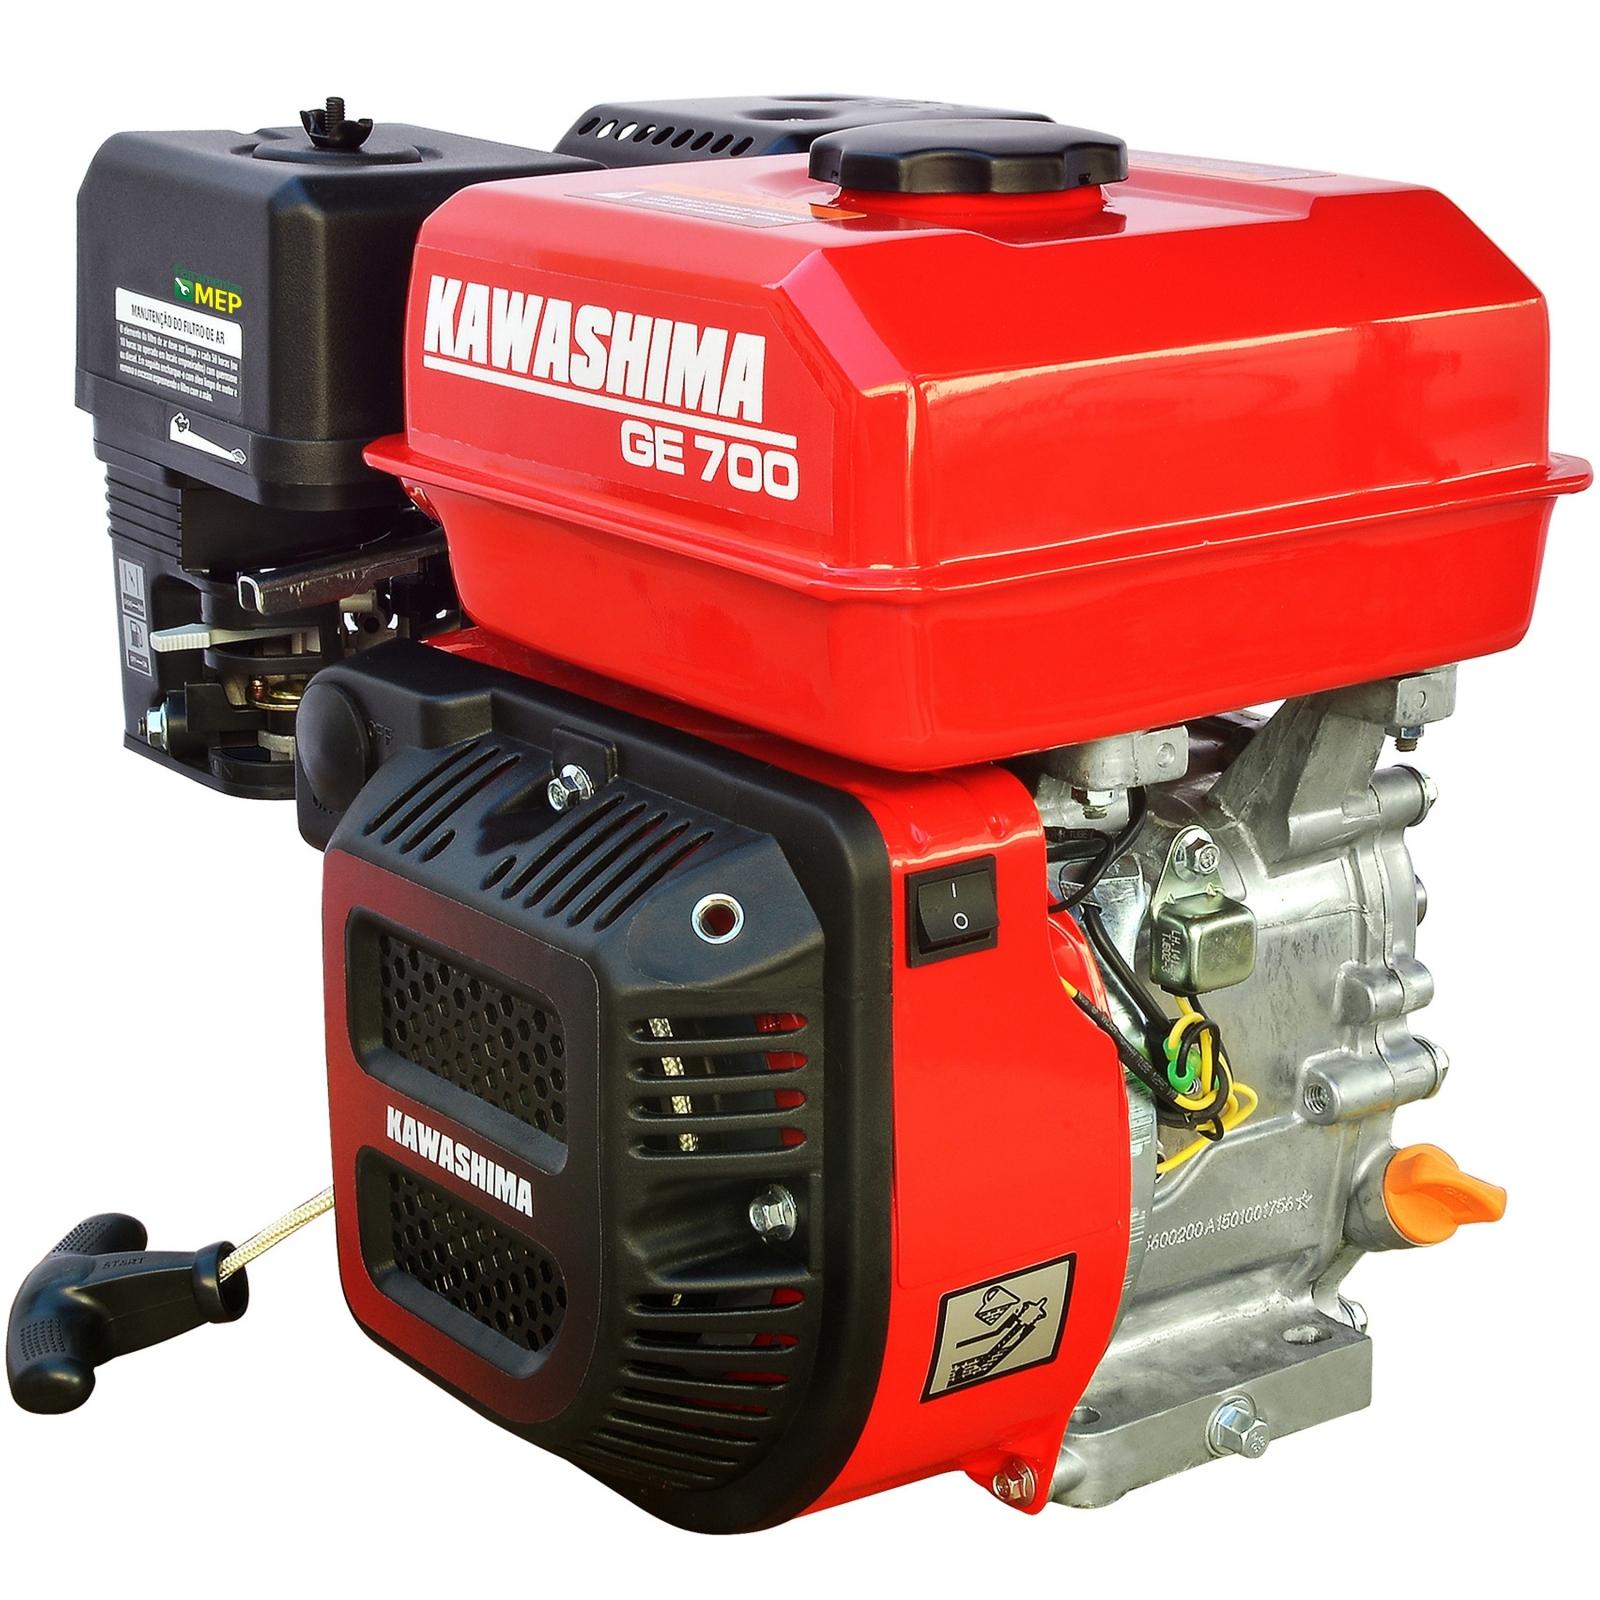 Motor Estacionário a Gasolina 7hp Partida Manual Kawashima GE-700 - Ferramentas MEP